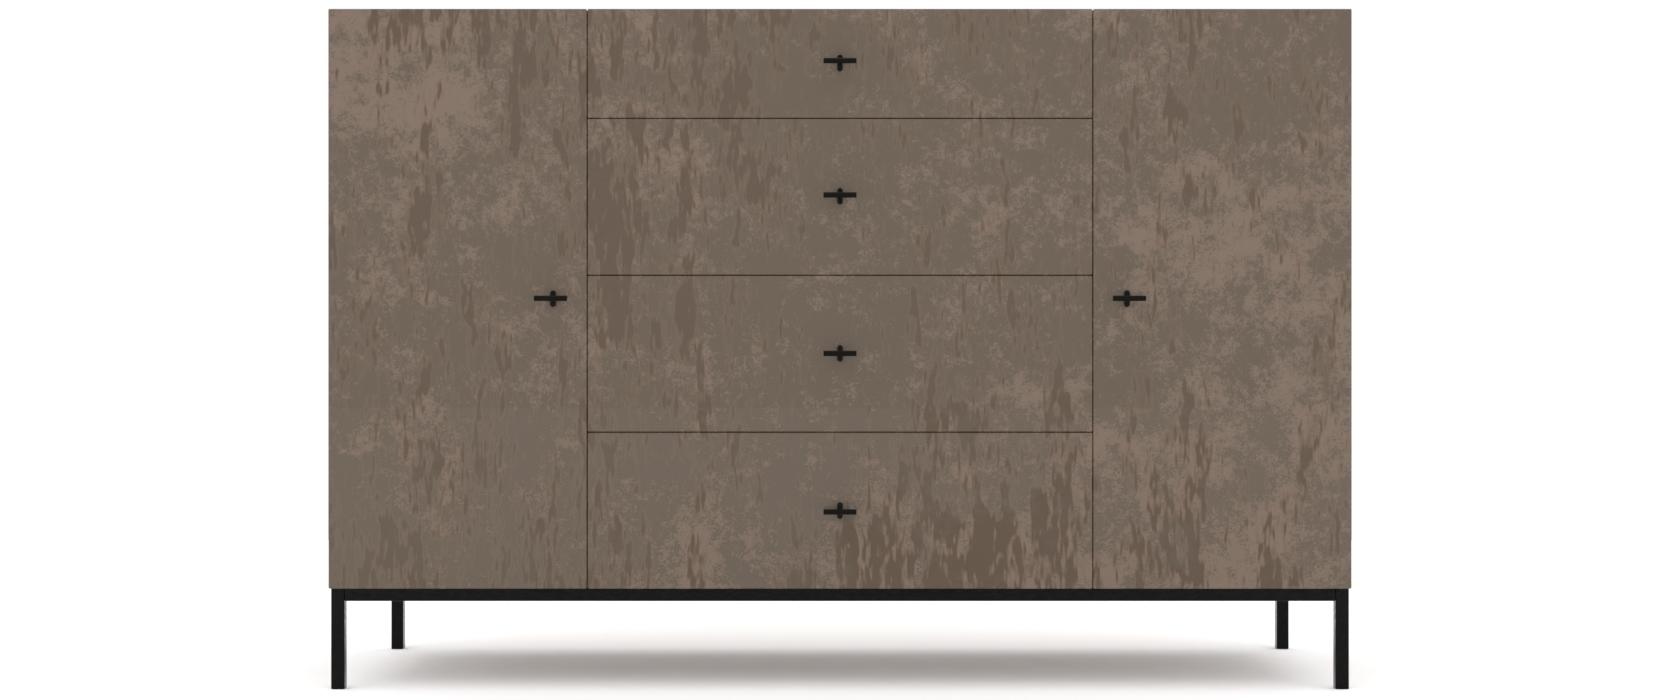 Комод Rollini с 4 ящиками и 2 дверцами - Pufetto